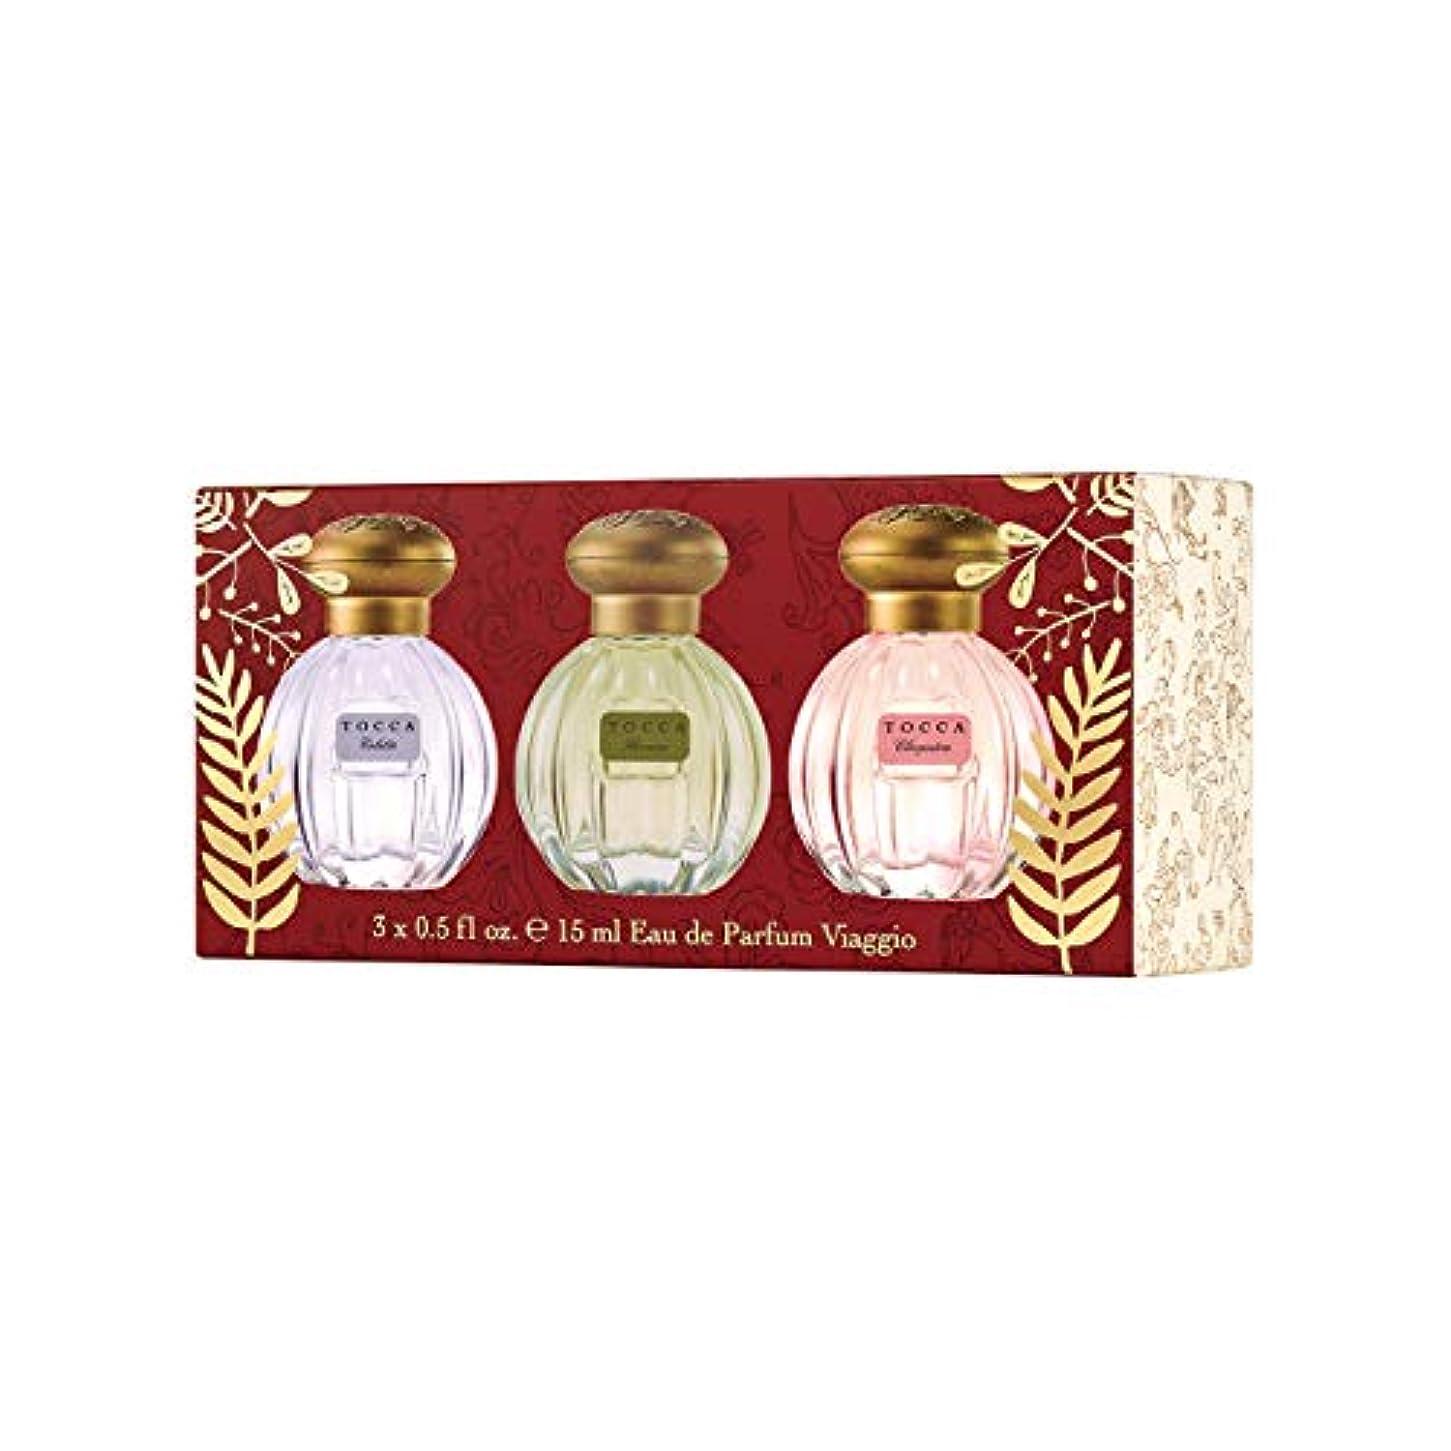 扇動アサー夜TOCCA ミニオードパルファムセットパルマ(小さな香水が3個入った贅沢ギフト)